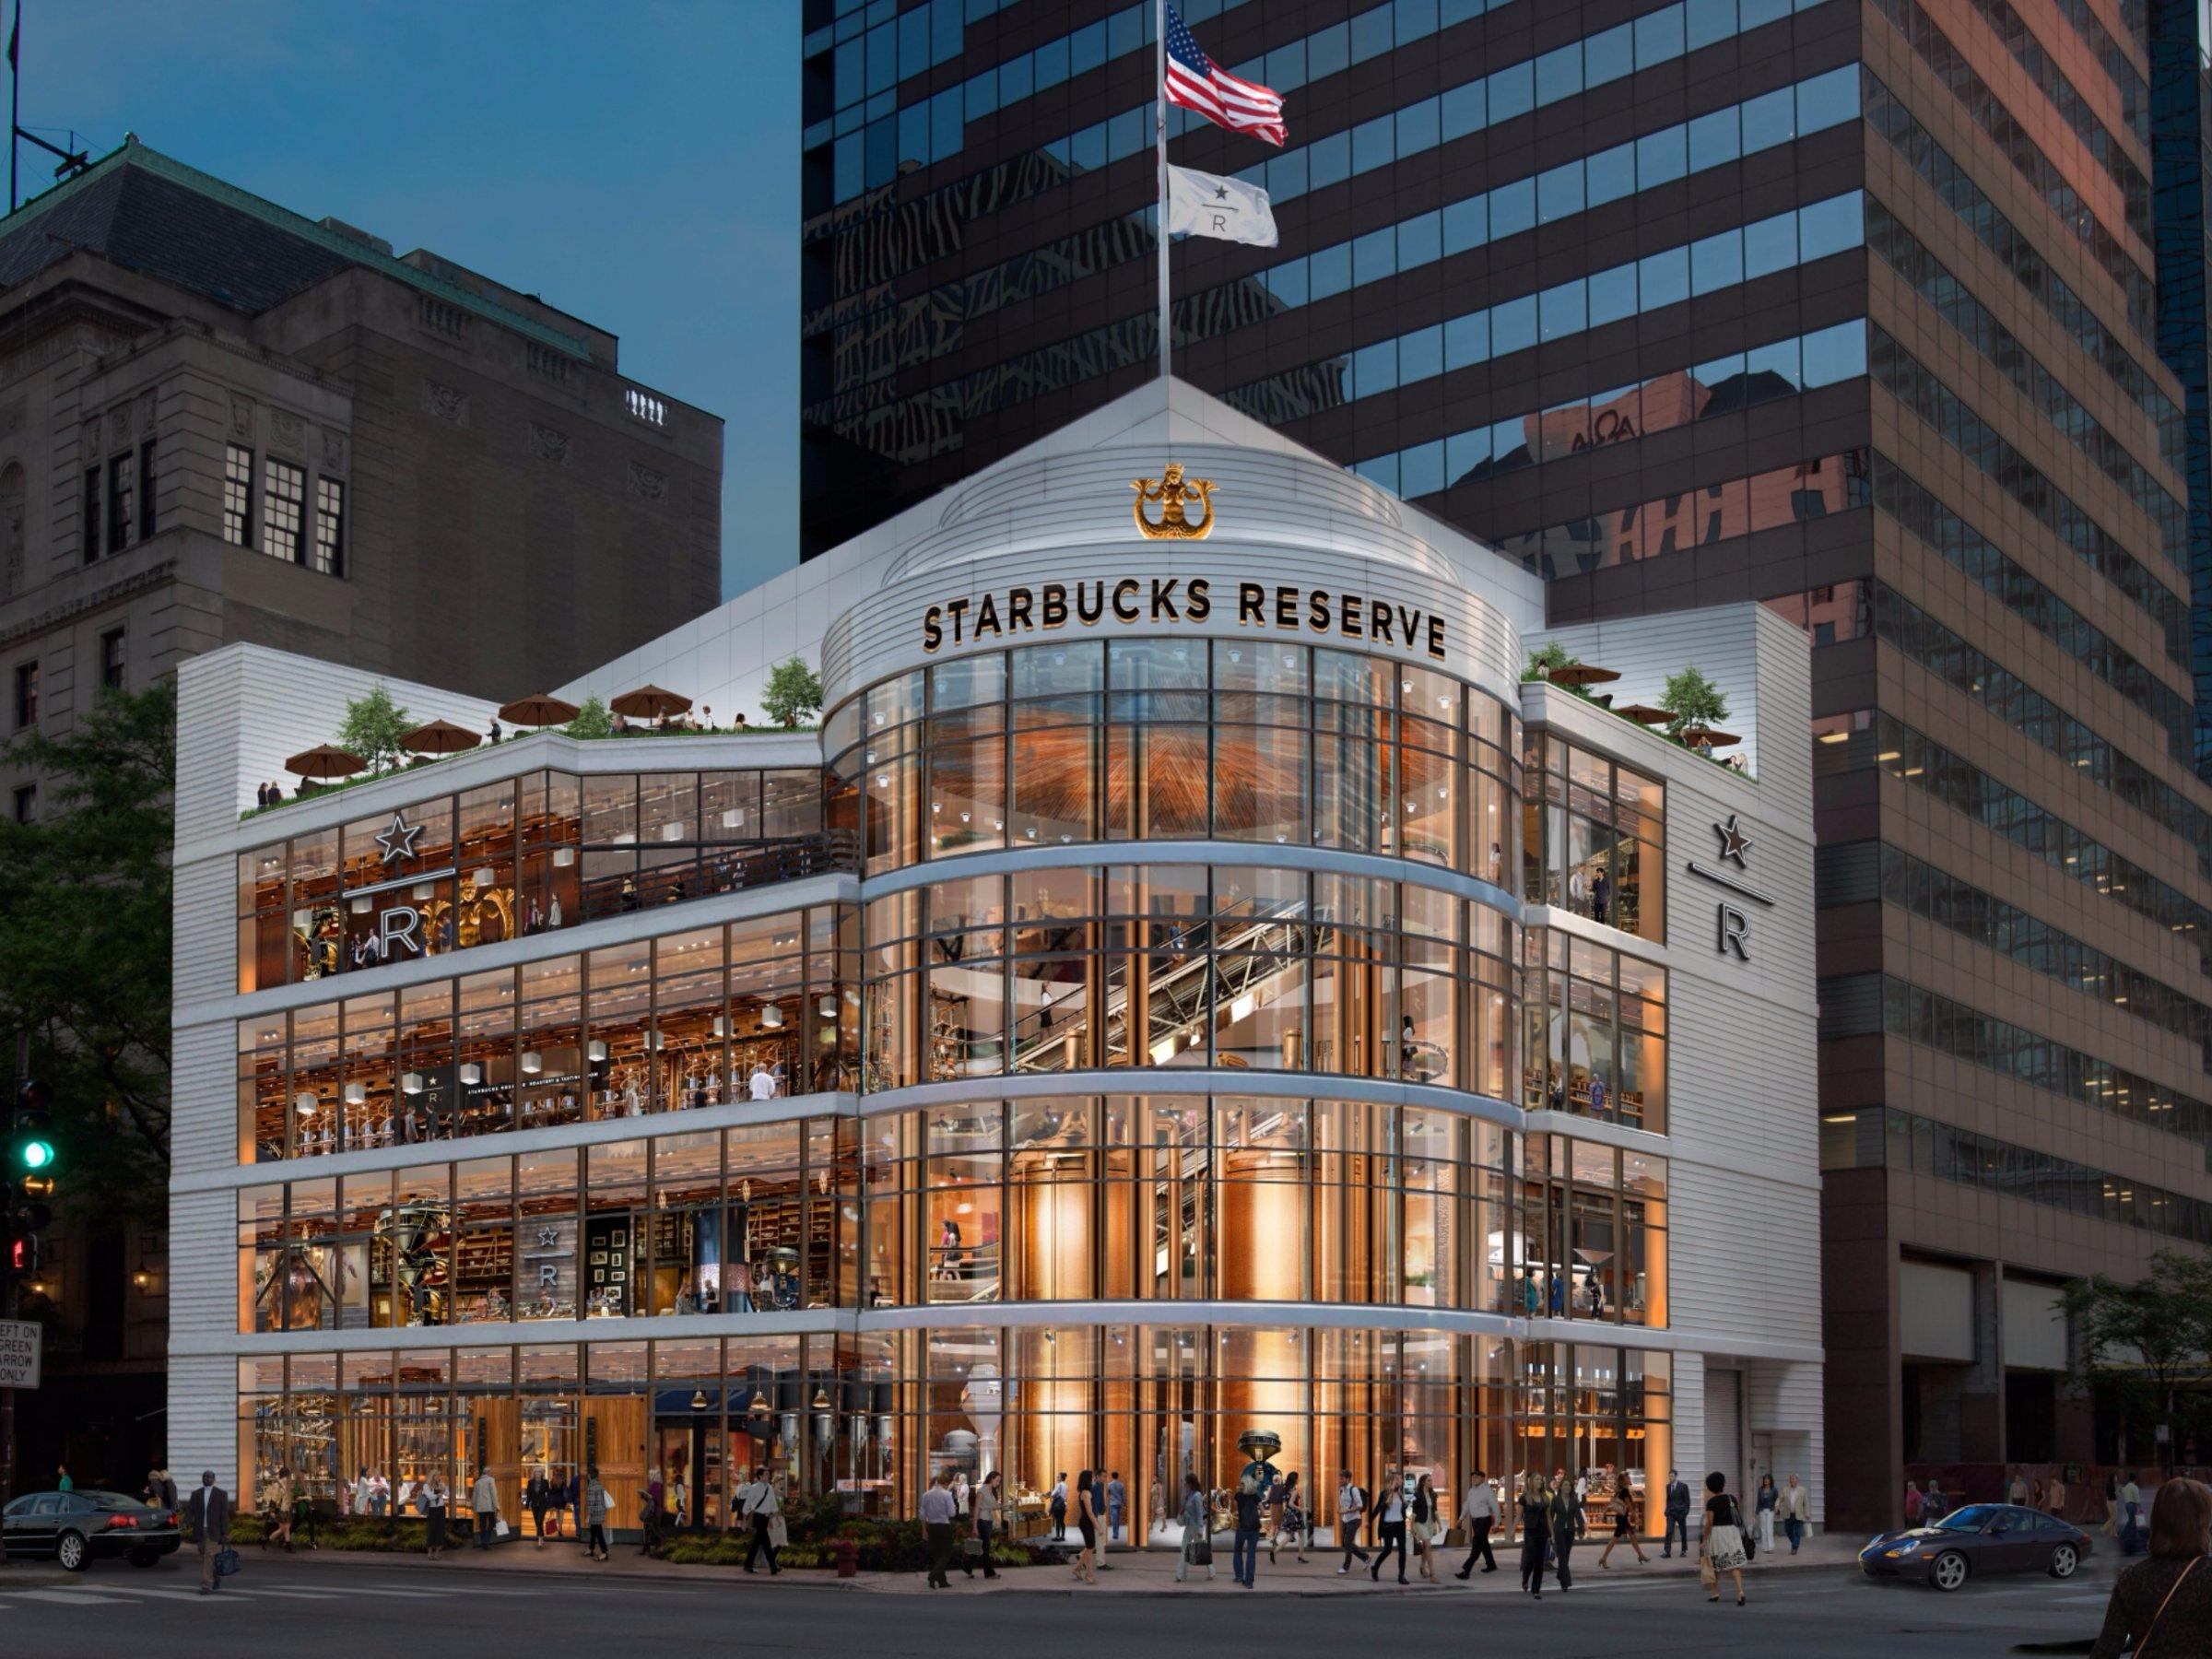 starbucks roastery chicago - Starbucks abrirá en Chicago su tienda más grande en Estados Unidos